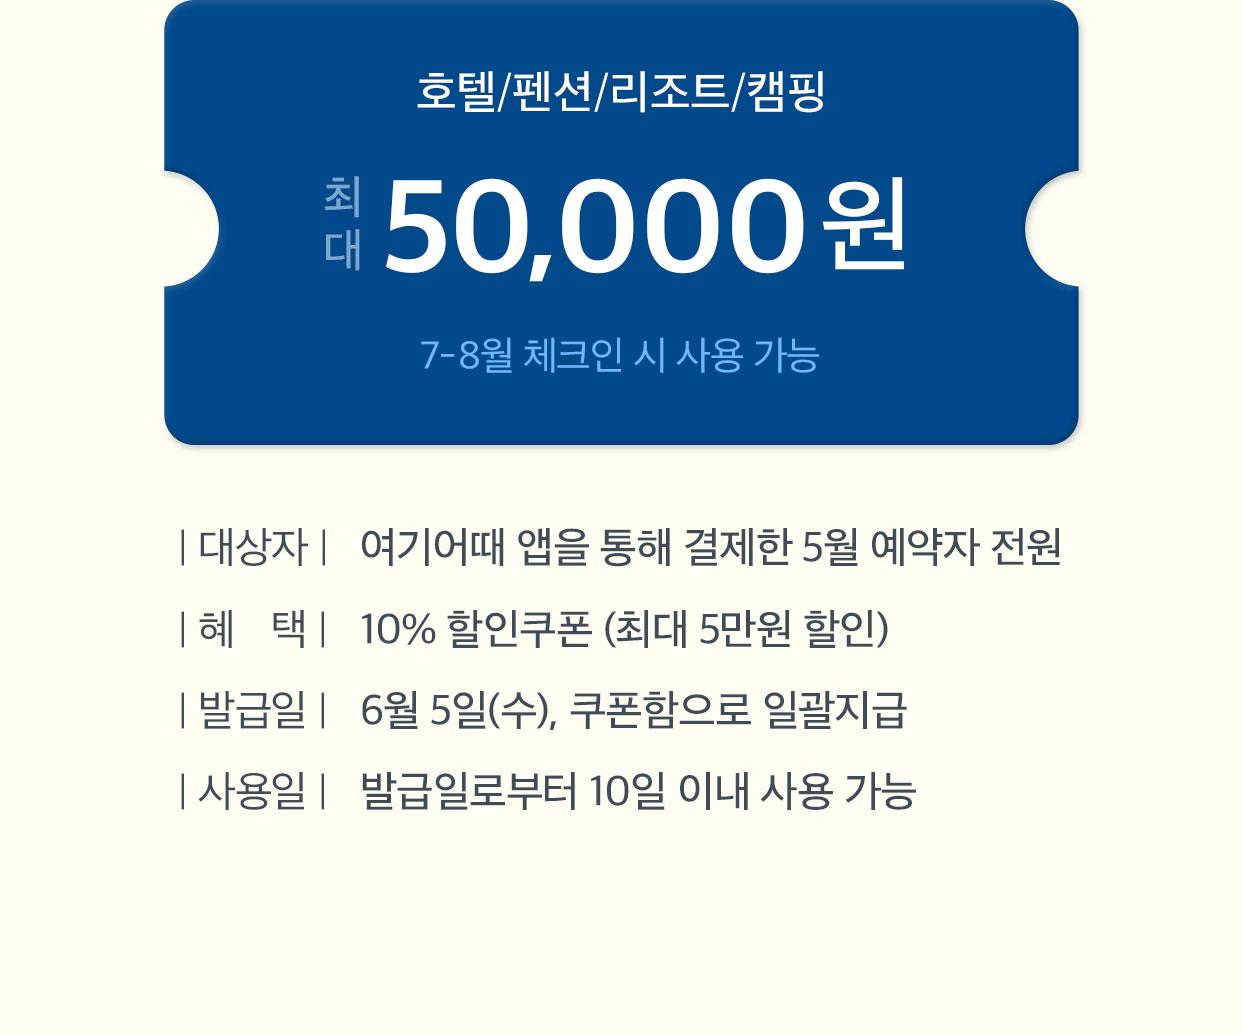 호텔/펜션/리조트/캠핑 최대 50,000원7-8월 체크인 시 사용 가능